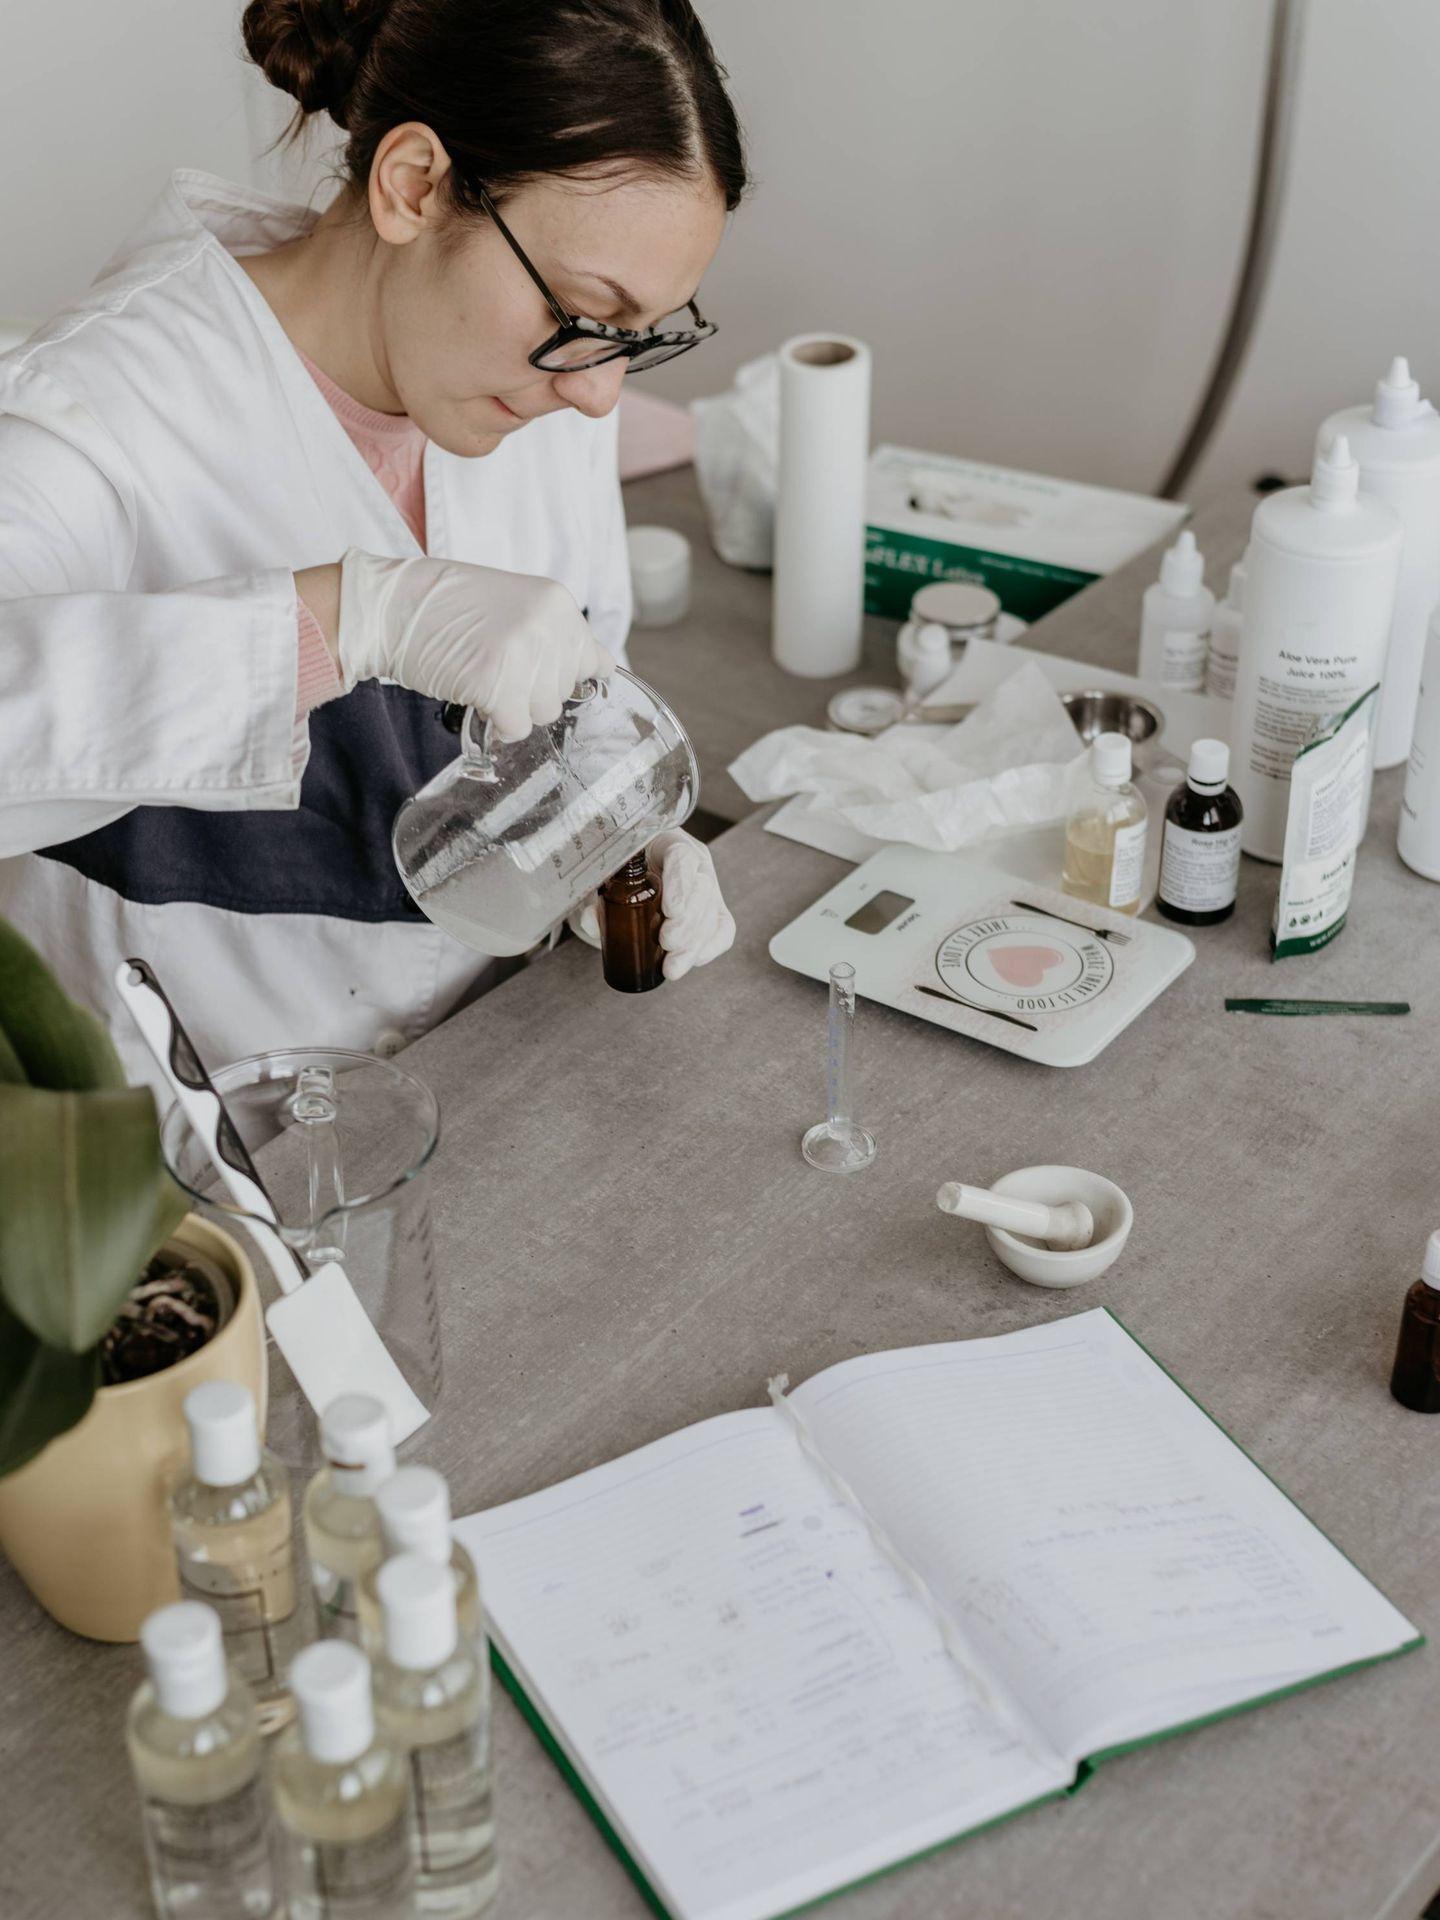 La posología de la cosmética. (Unsplash)